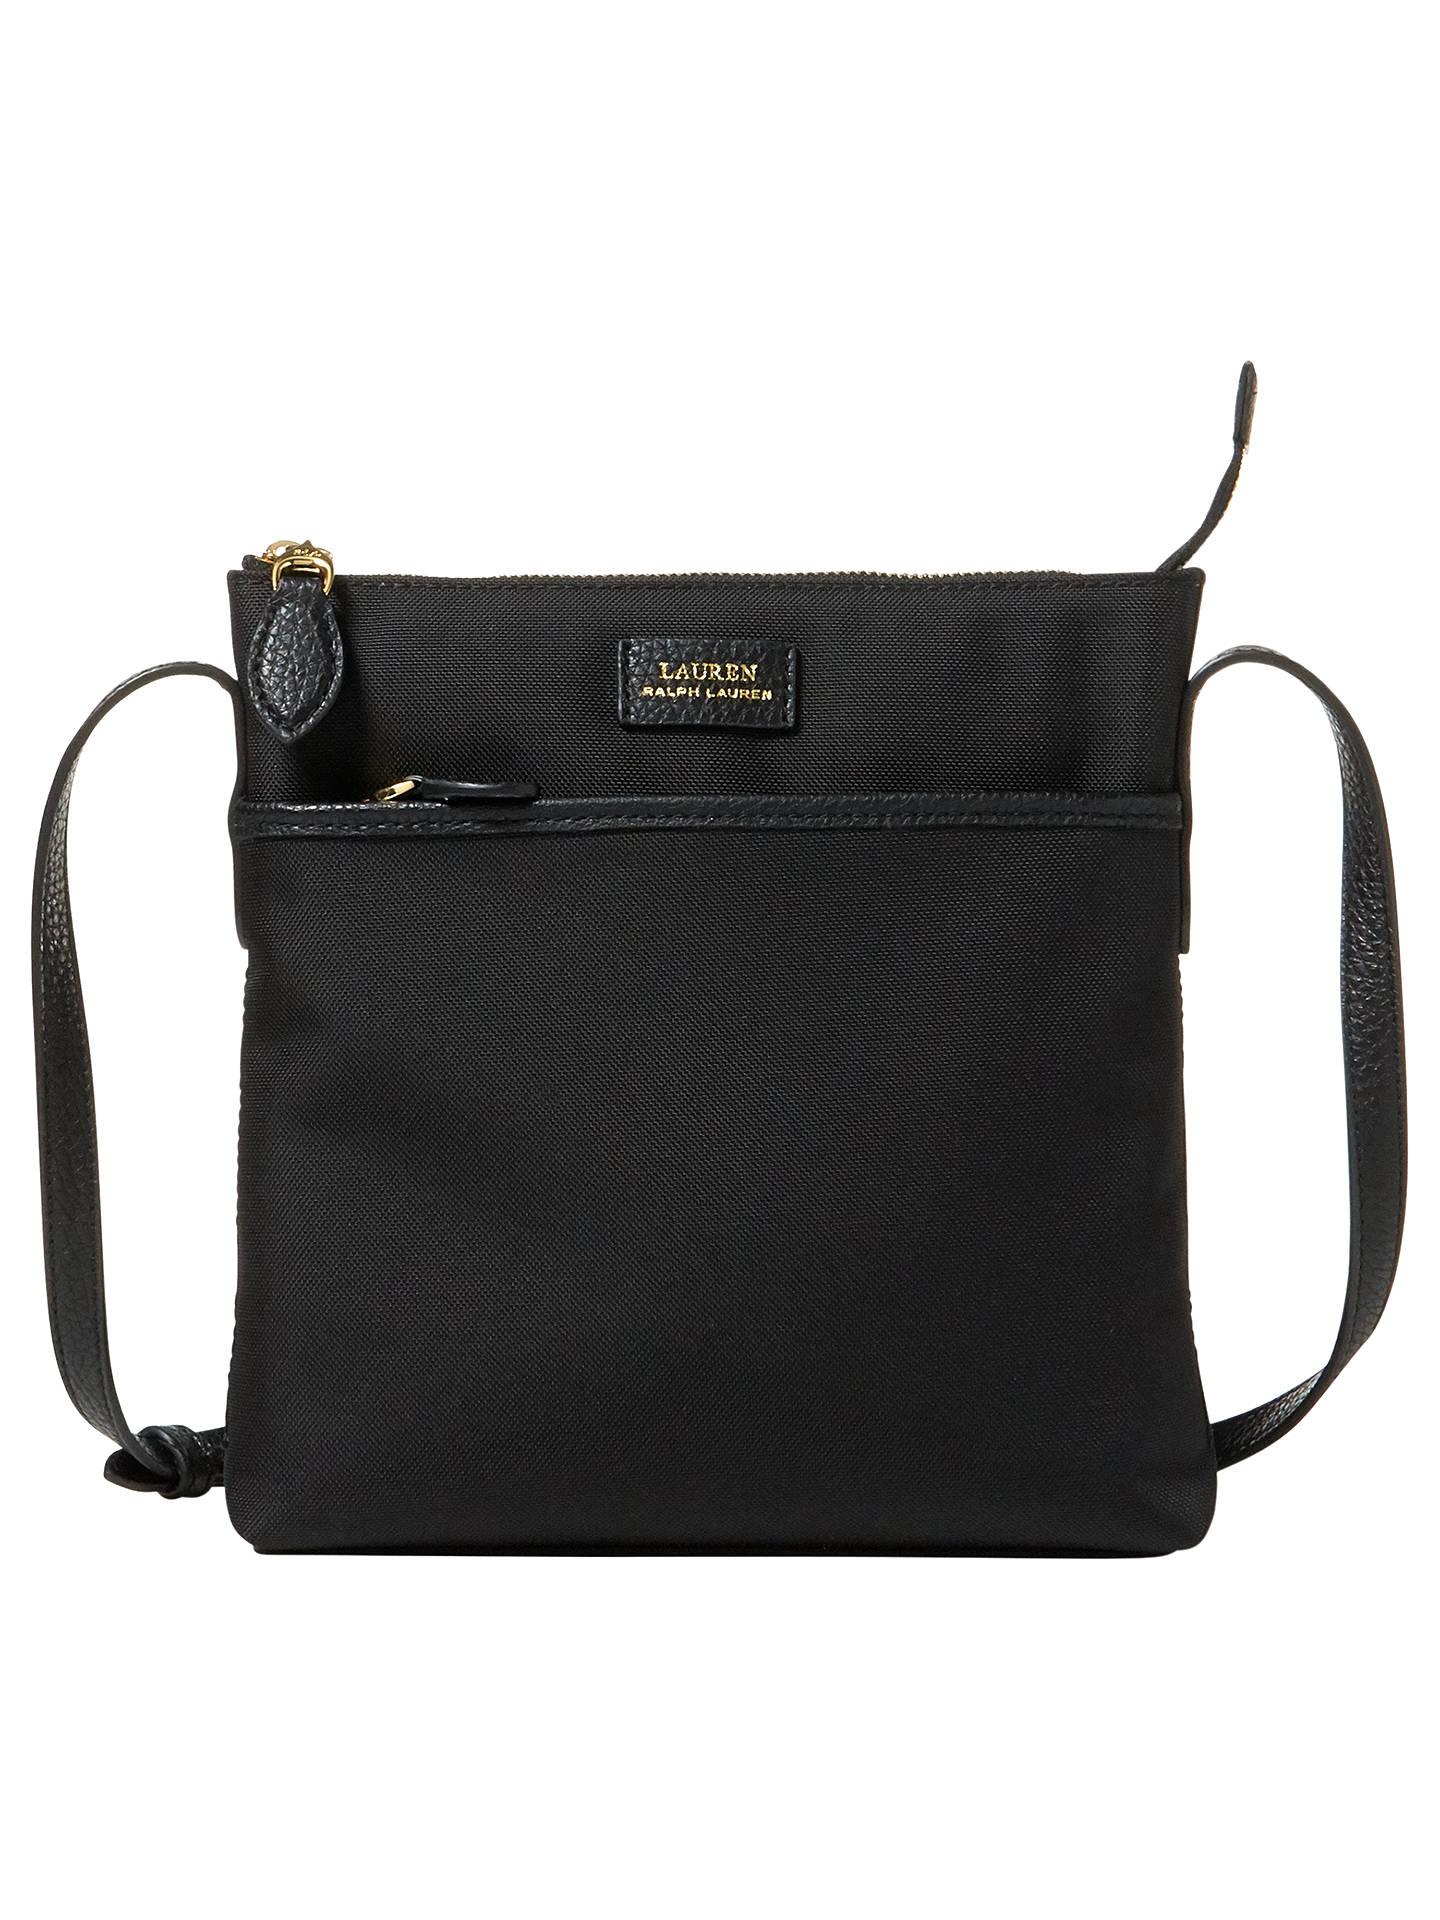 927408e3d8 Buy Lauren Ralph Lauren Cross Body Bag